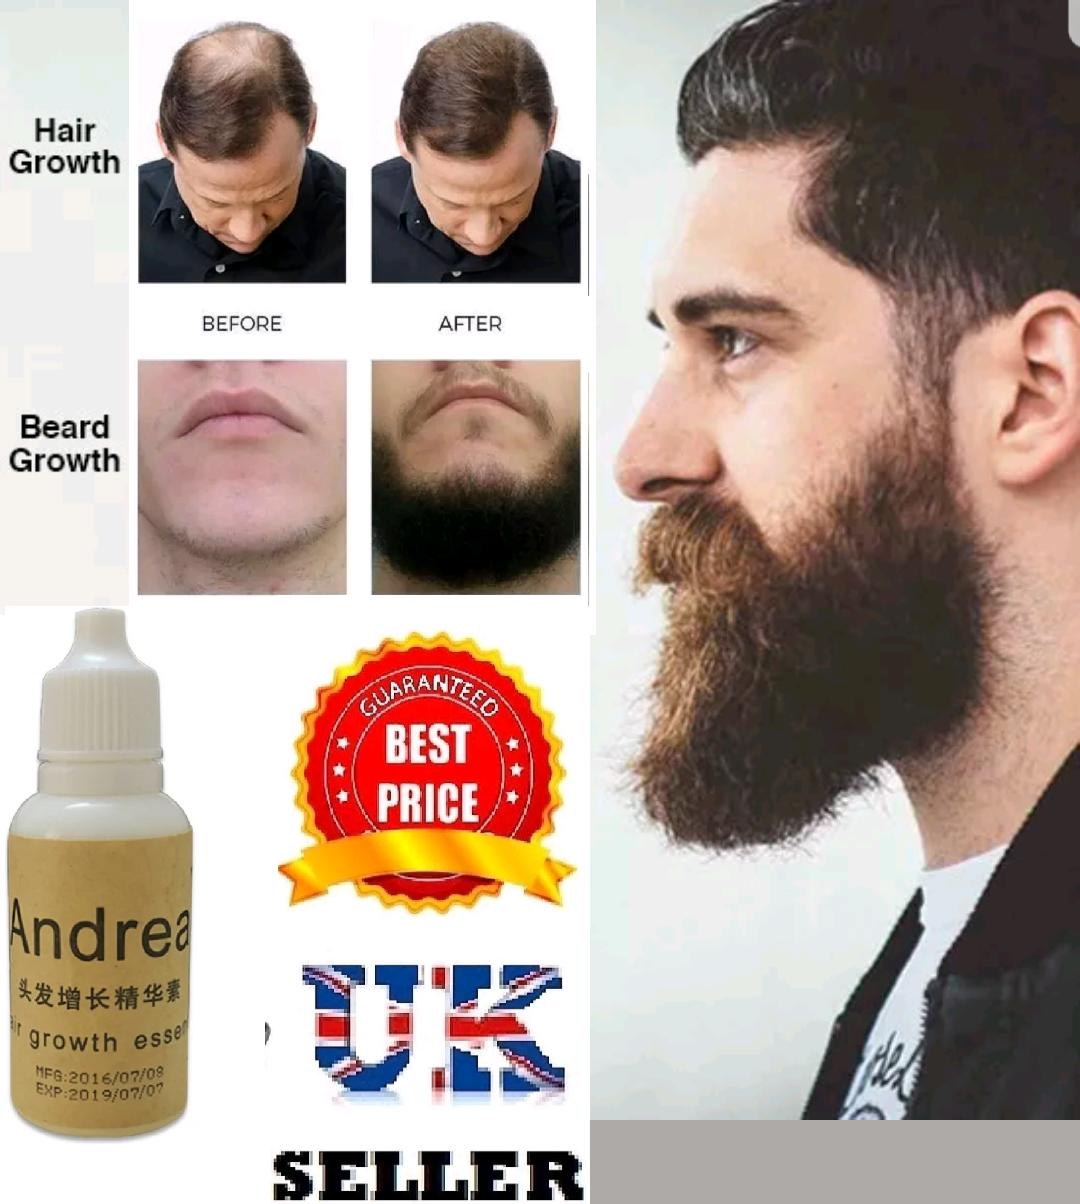 helps-grow-facial-hair-xhampster-group-sex